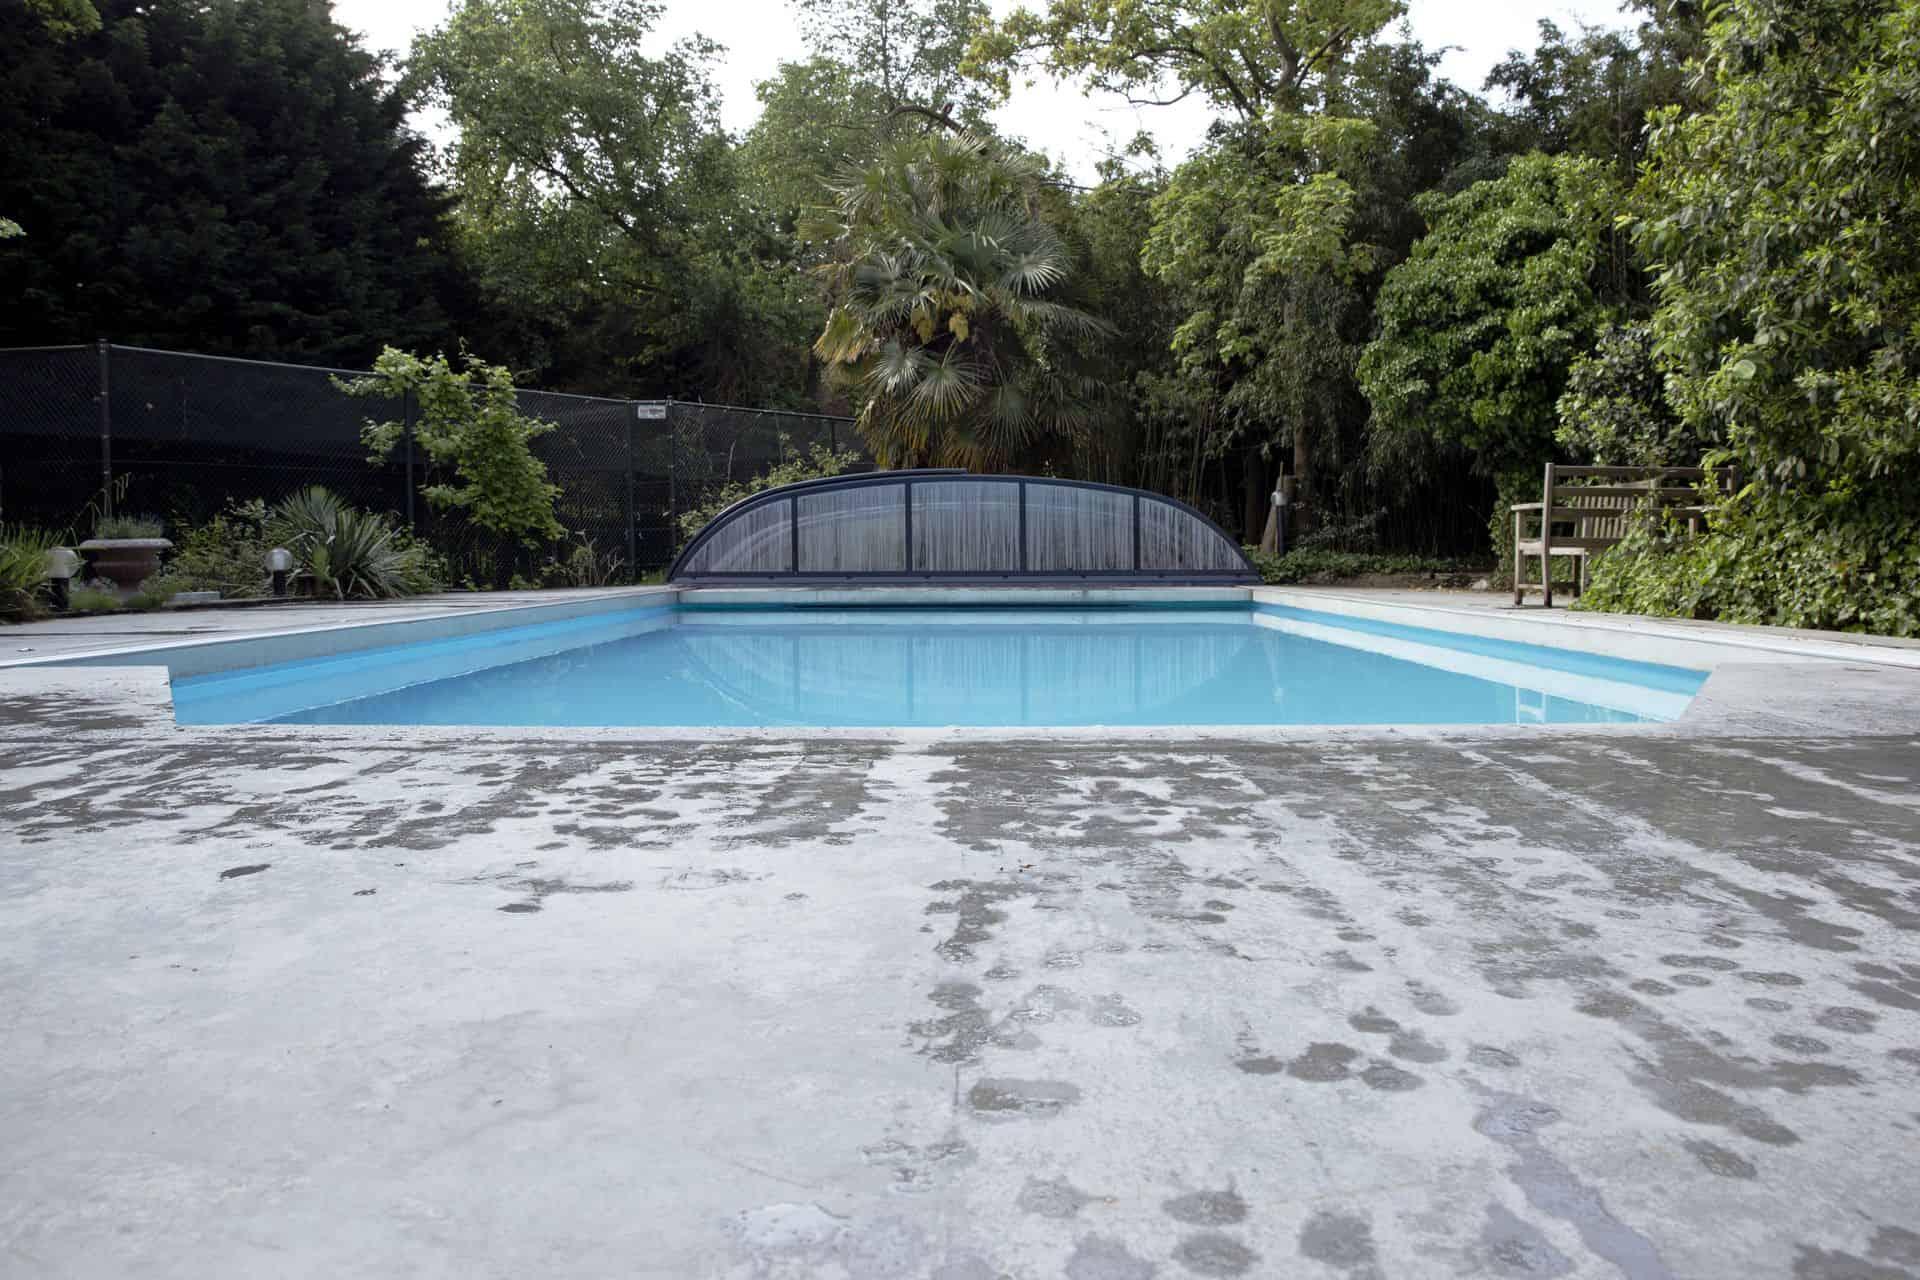 beton terras bij zwembad